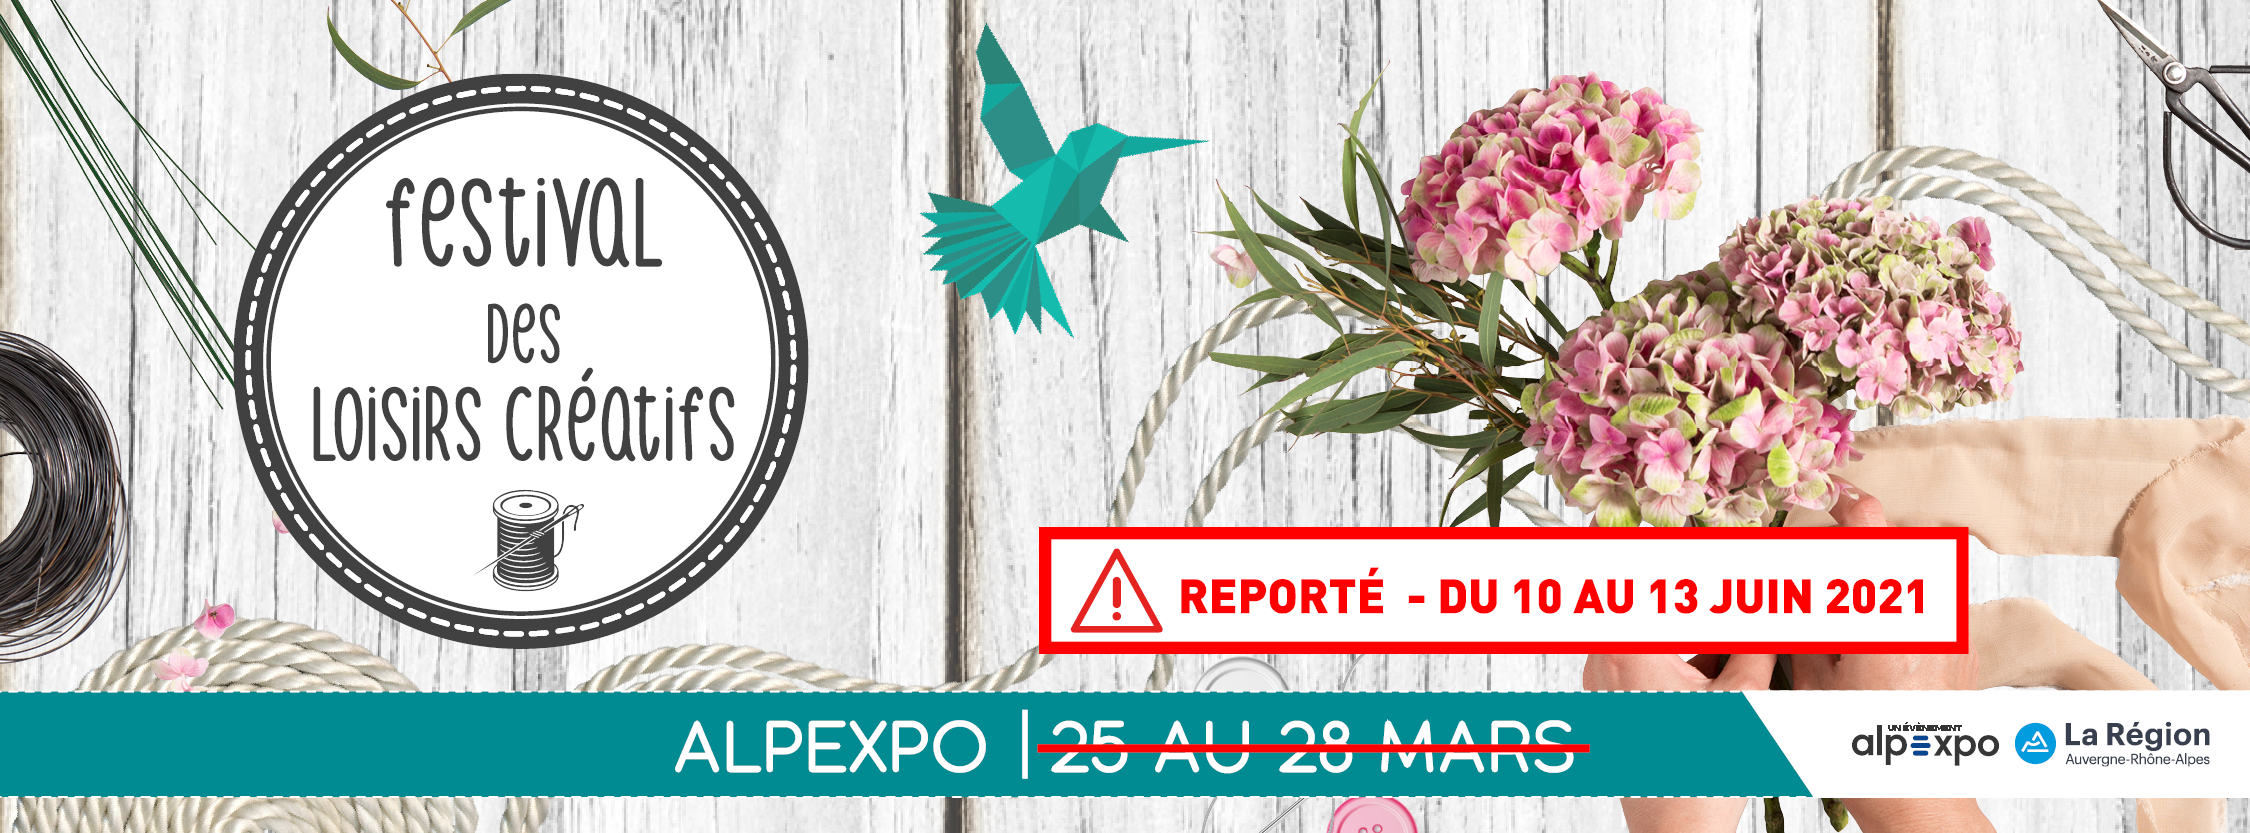 Le Festival des Loisirs Créatifs de Grenoble reporté